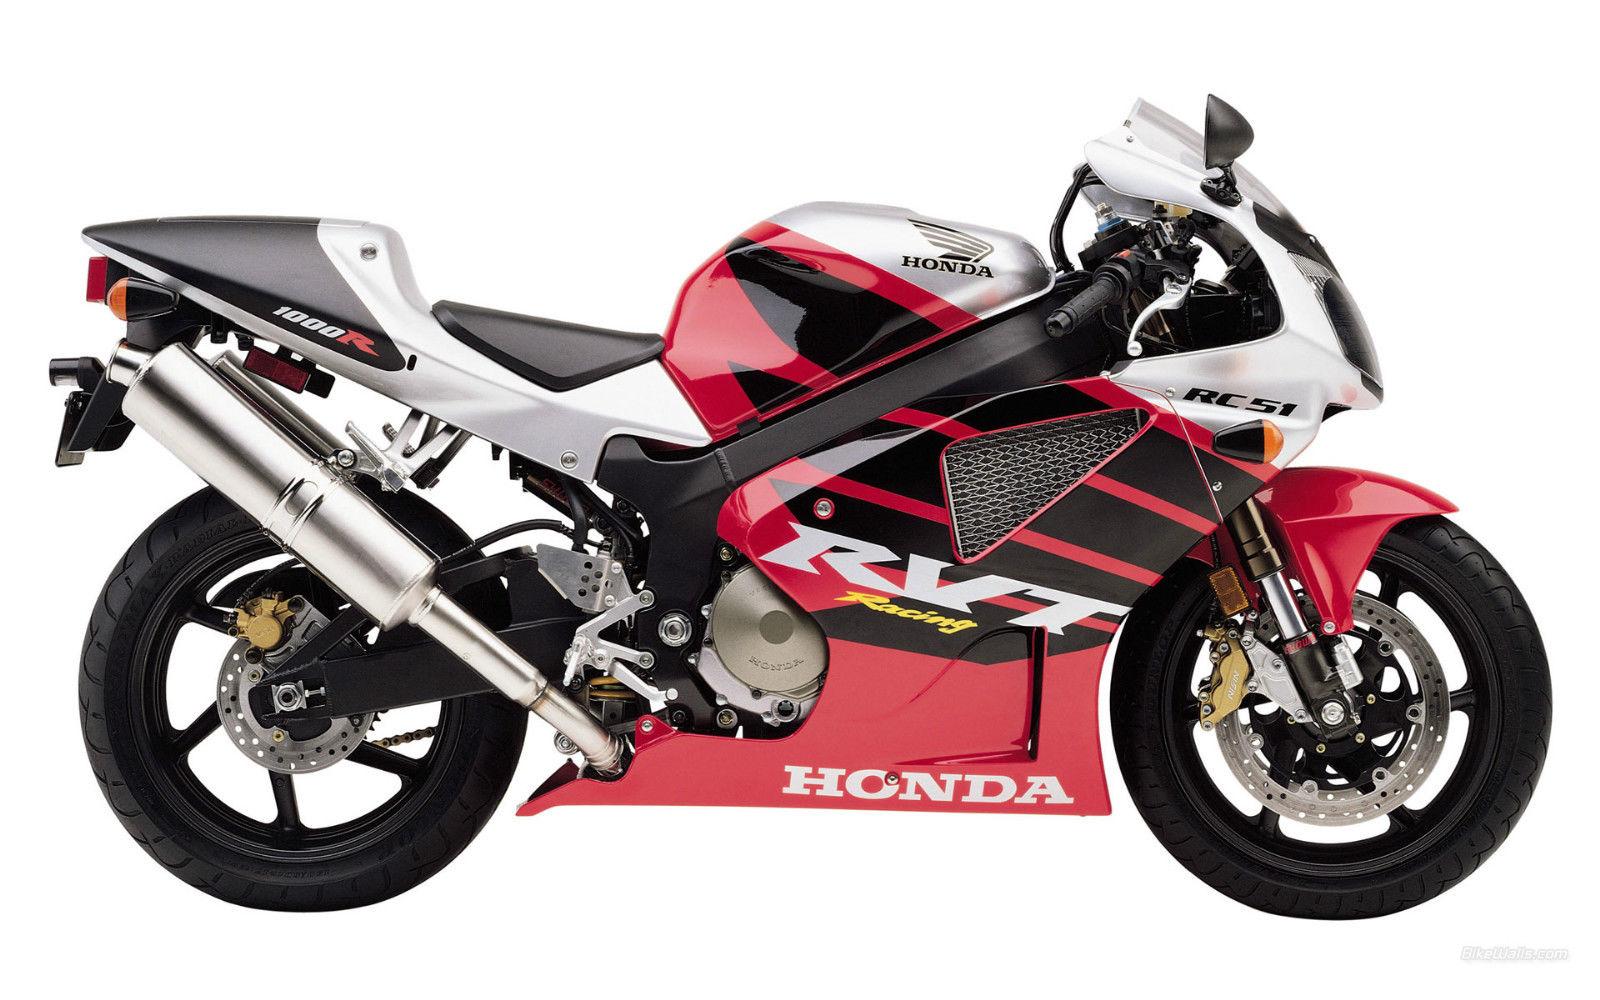 2004 Honda Rc51 Nicky Hayden Limited Edition